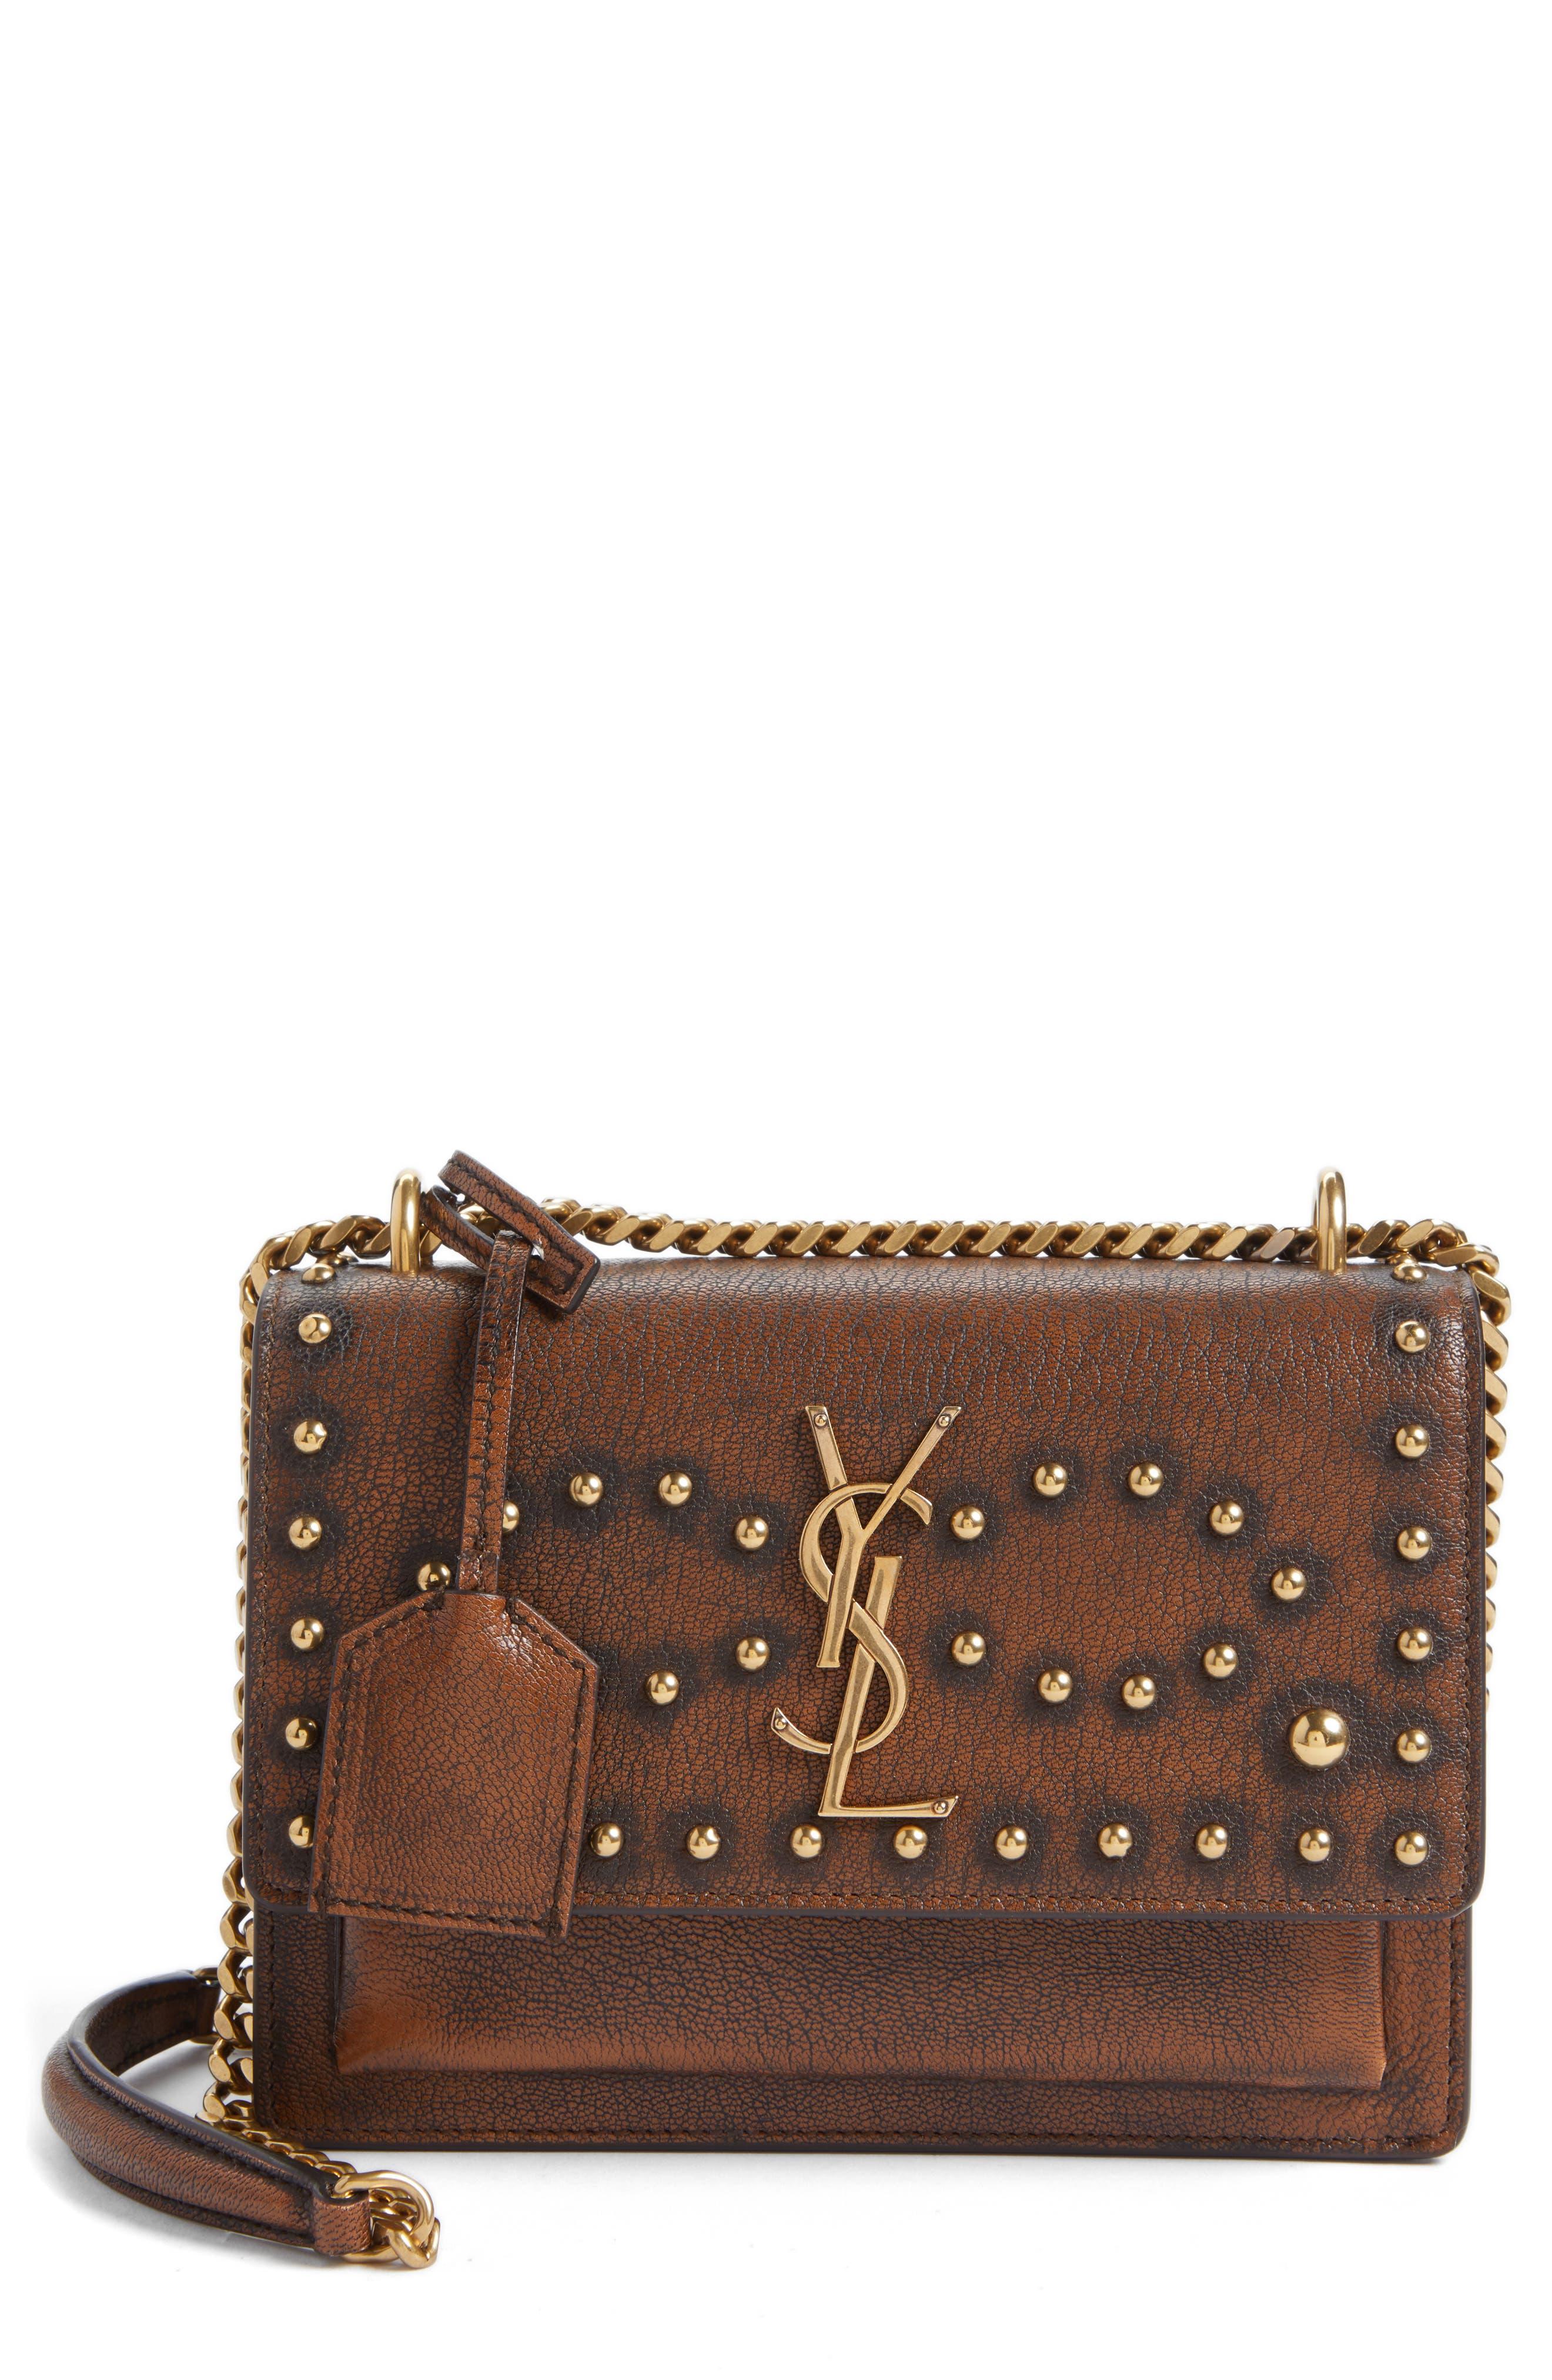 Alternate Image 1 Selected - Saint Laurent Small Sunset Studded Vintage Leather Shoulder Bag